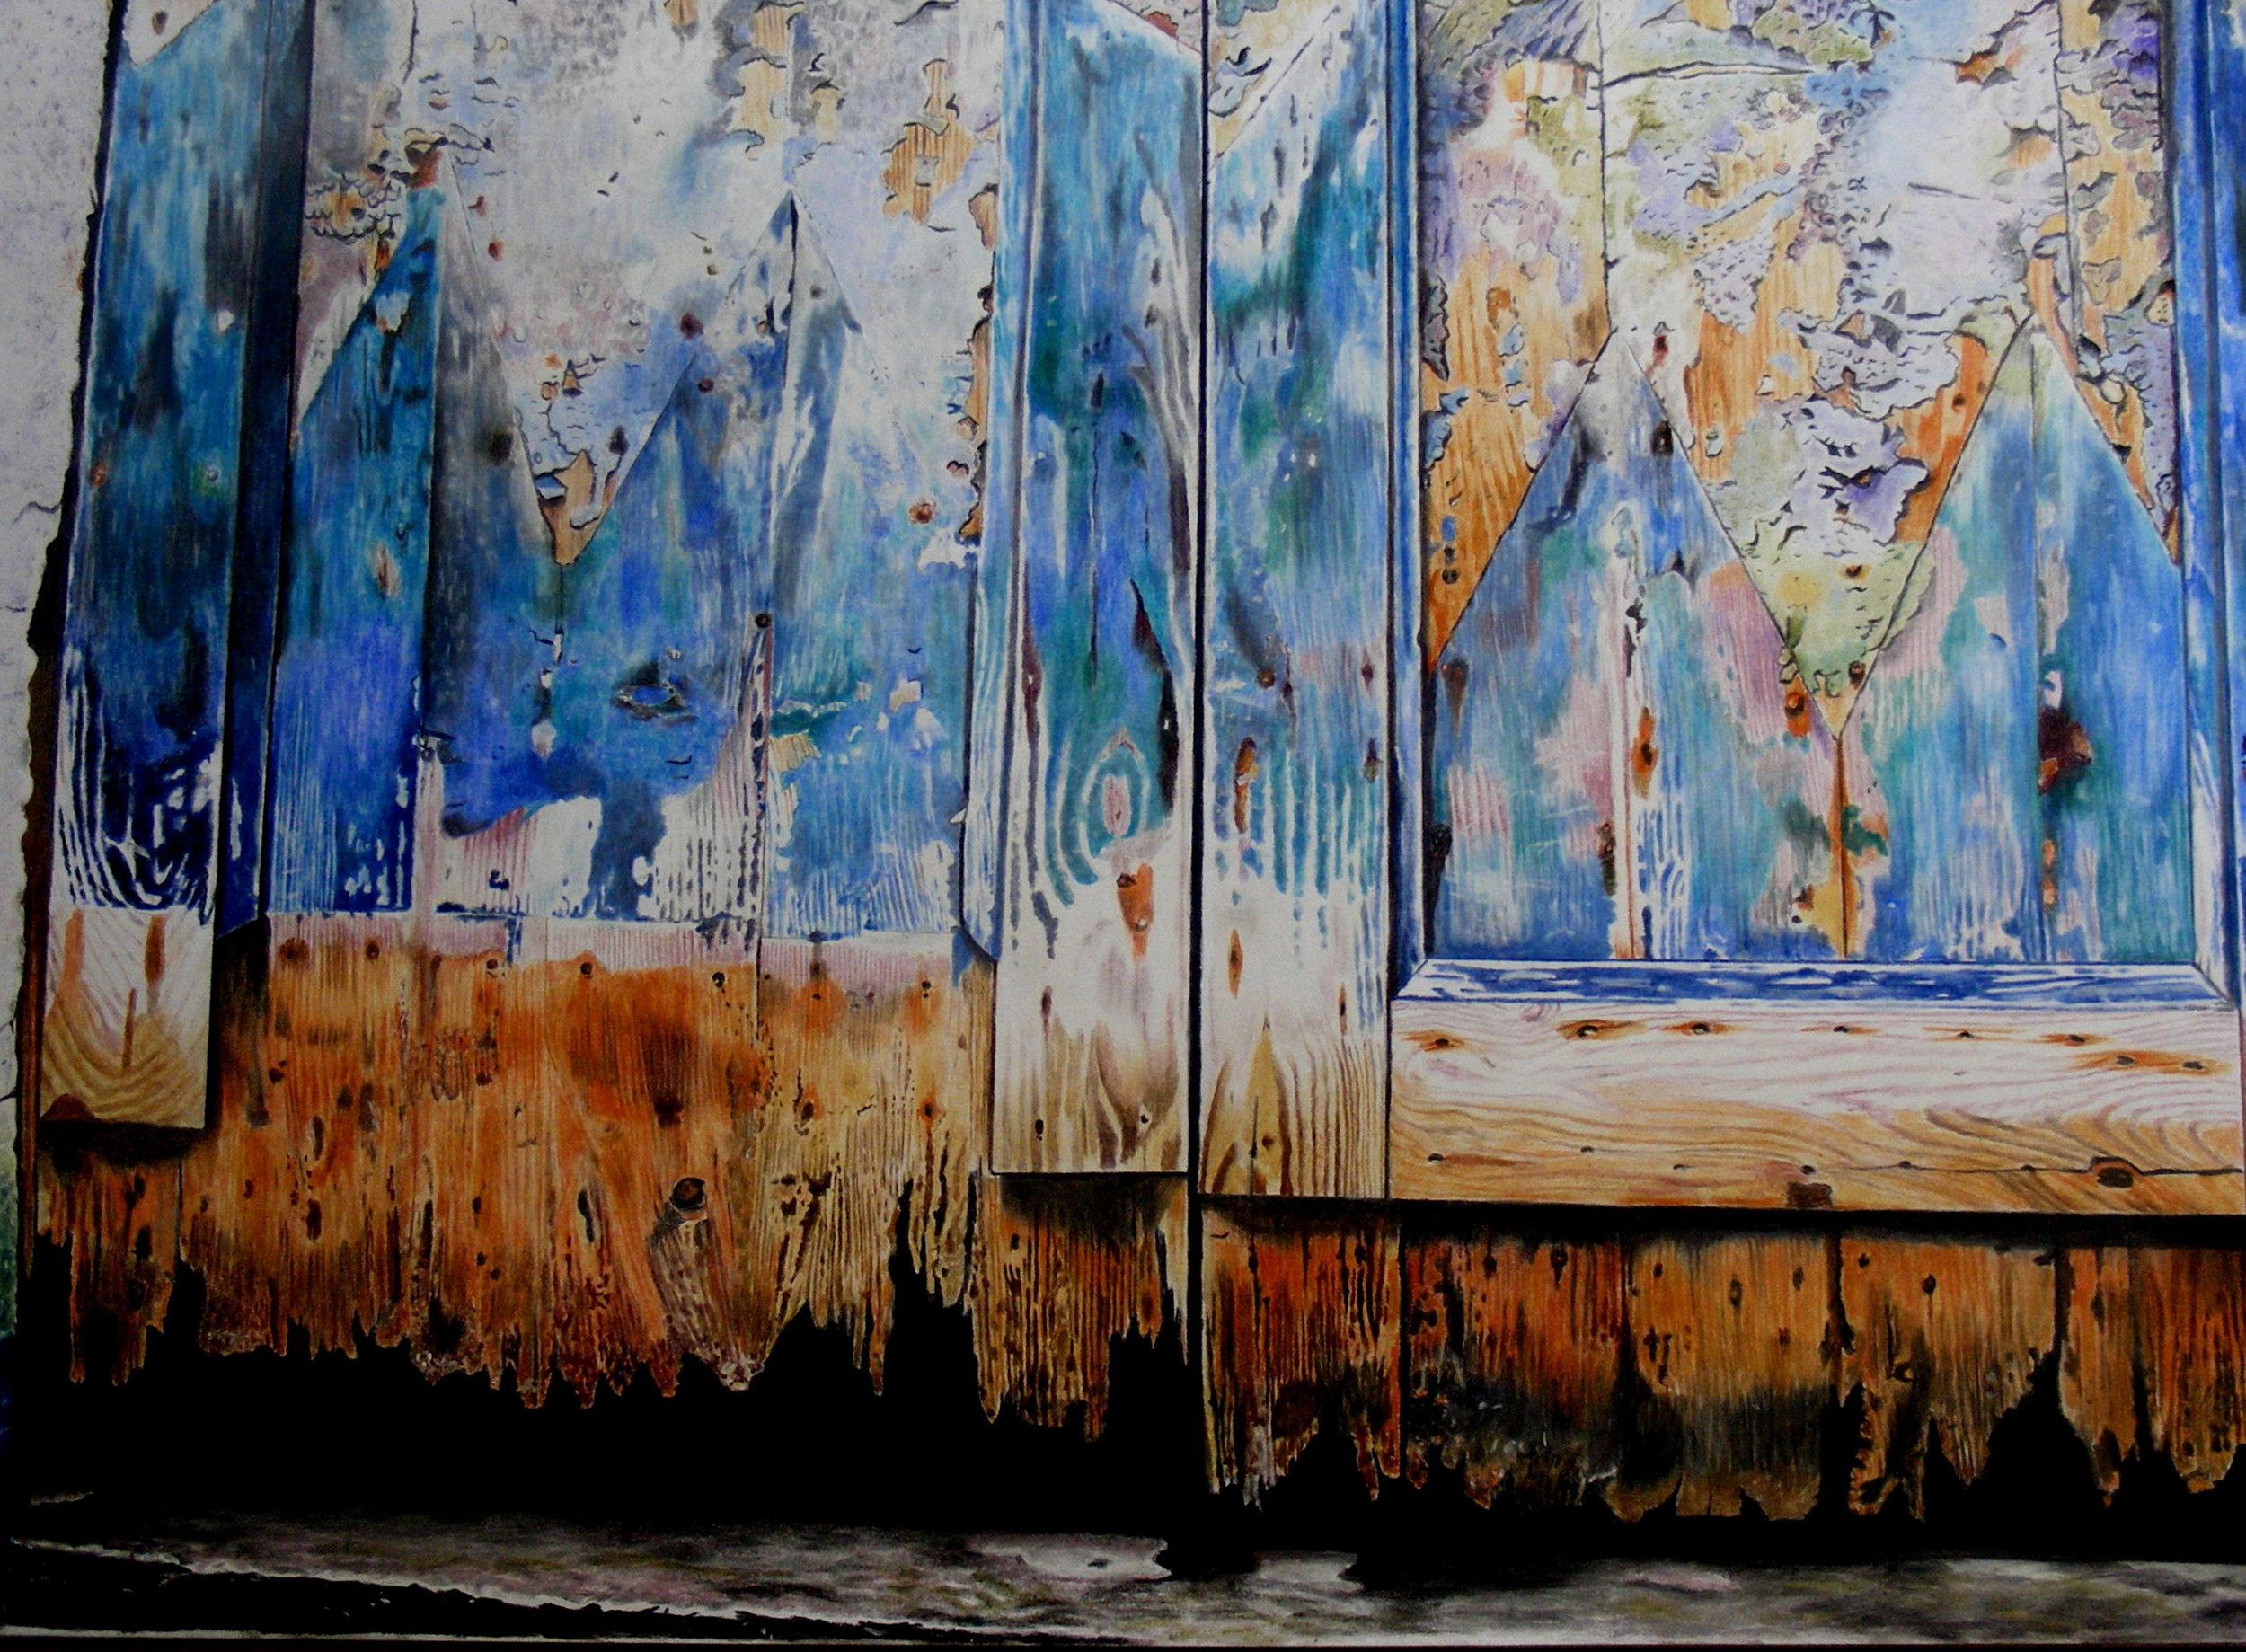 Jayne Morgan, Venetian door by canal's edge, Pastel pencils on paper, 49 x 55 cm x 1 cm,